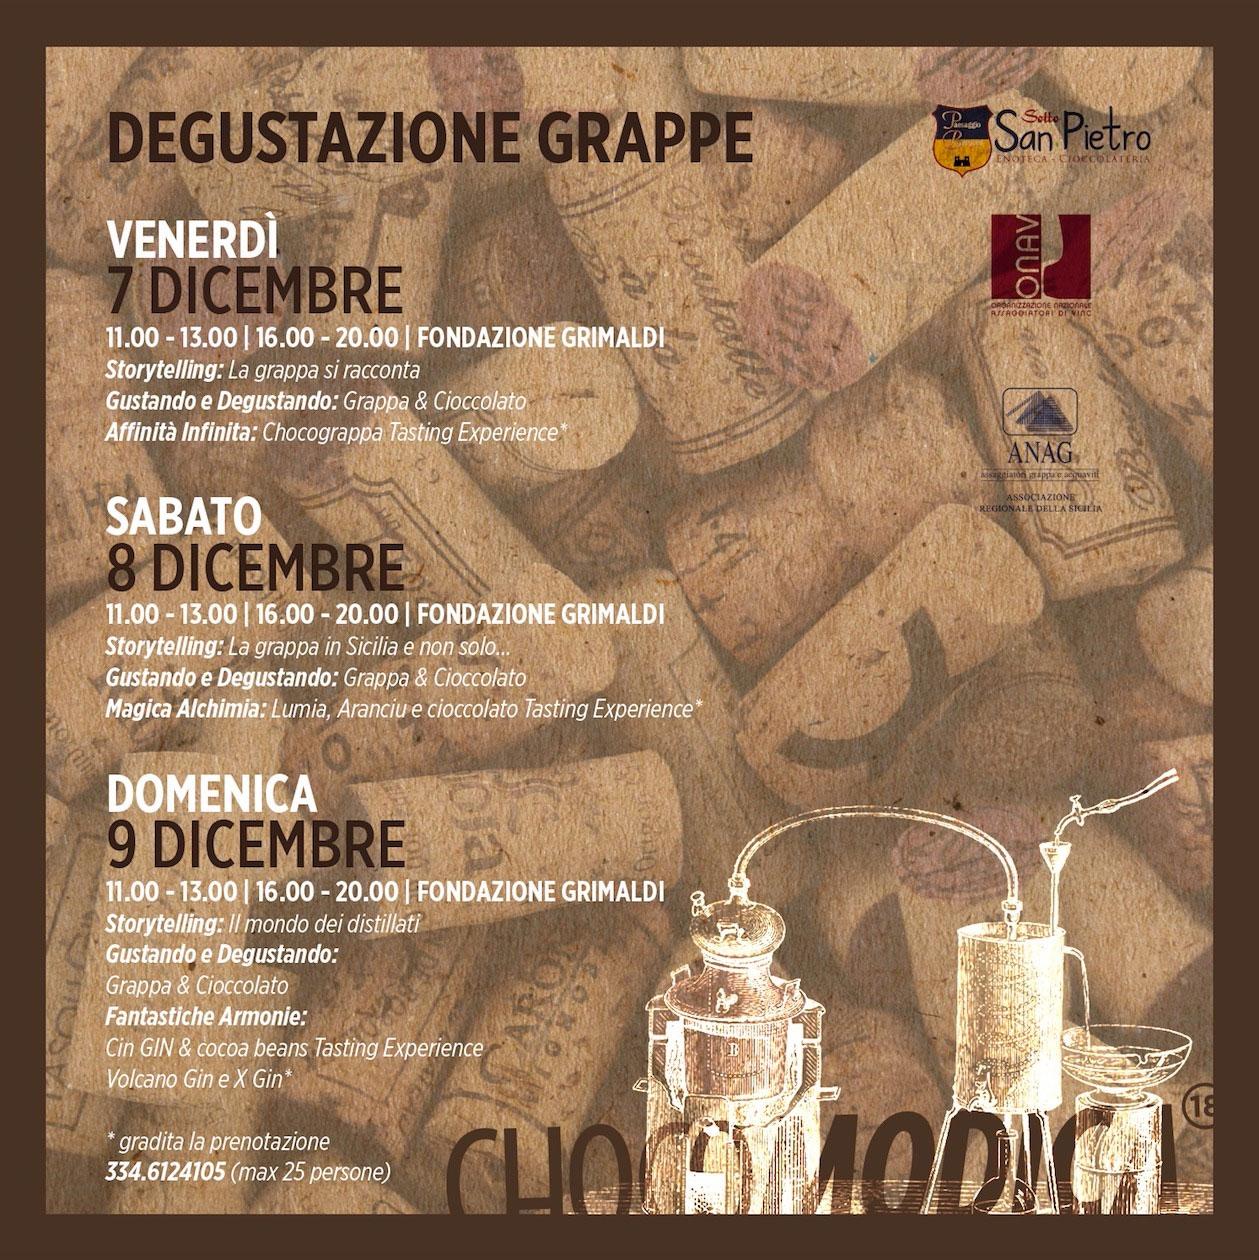 degustazione-grappe